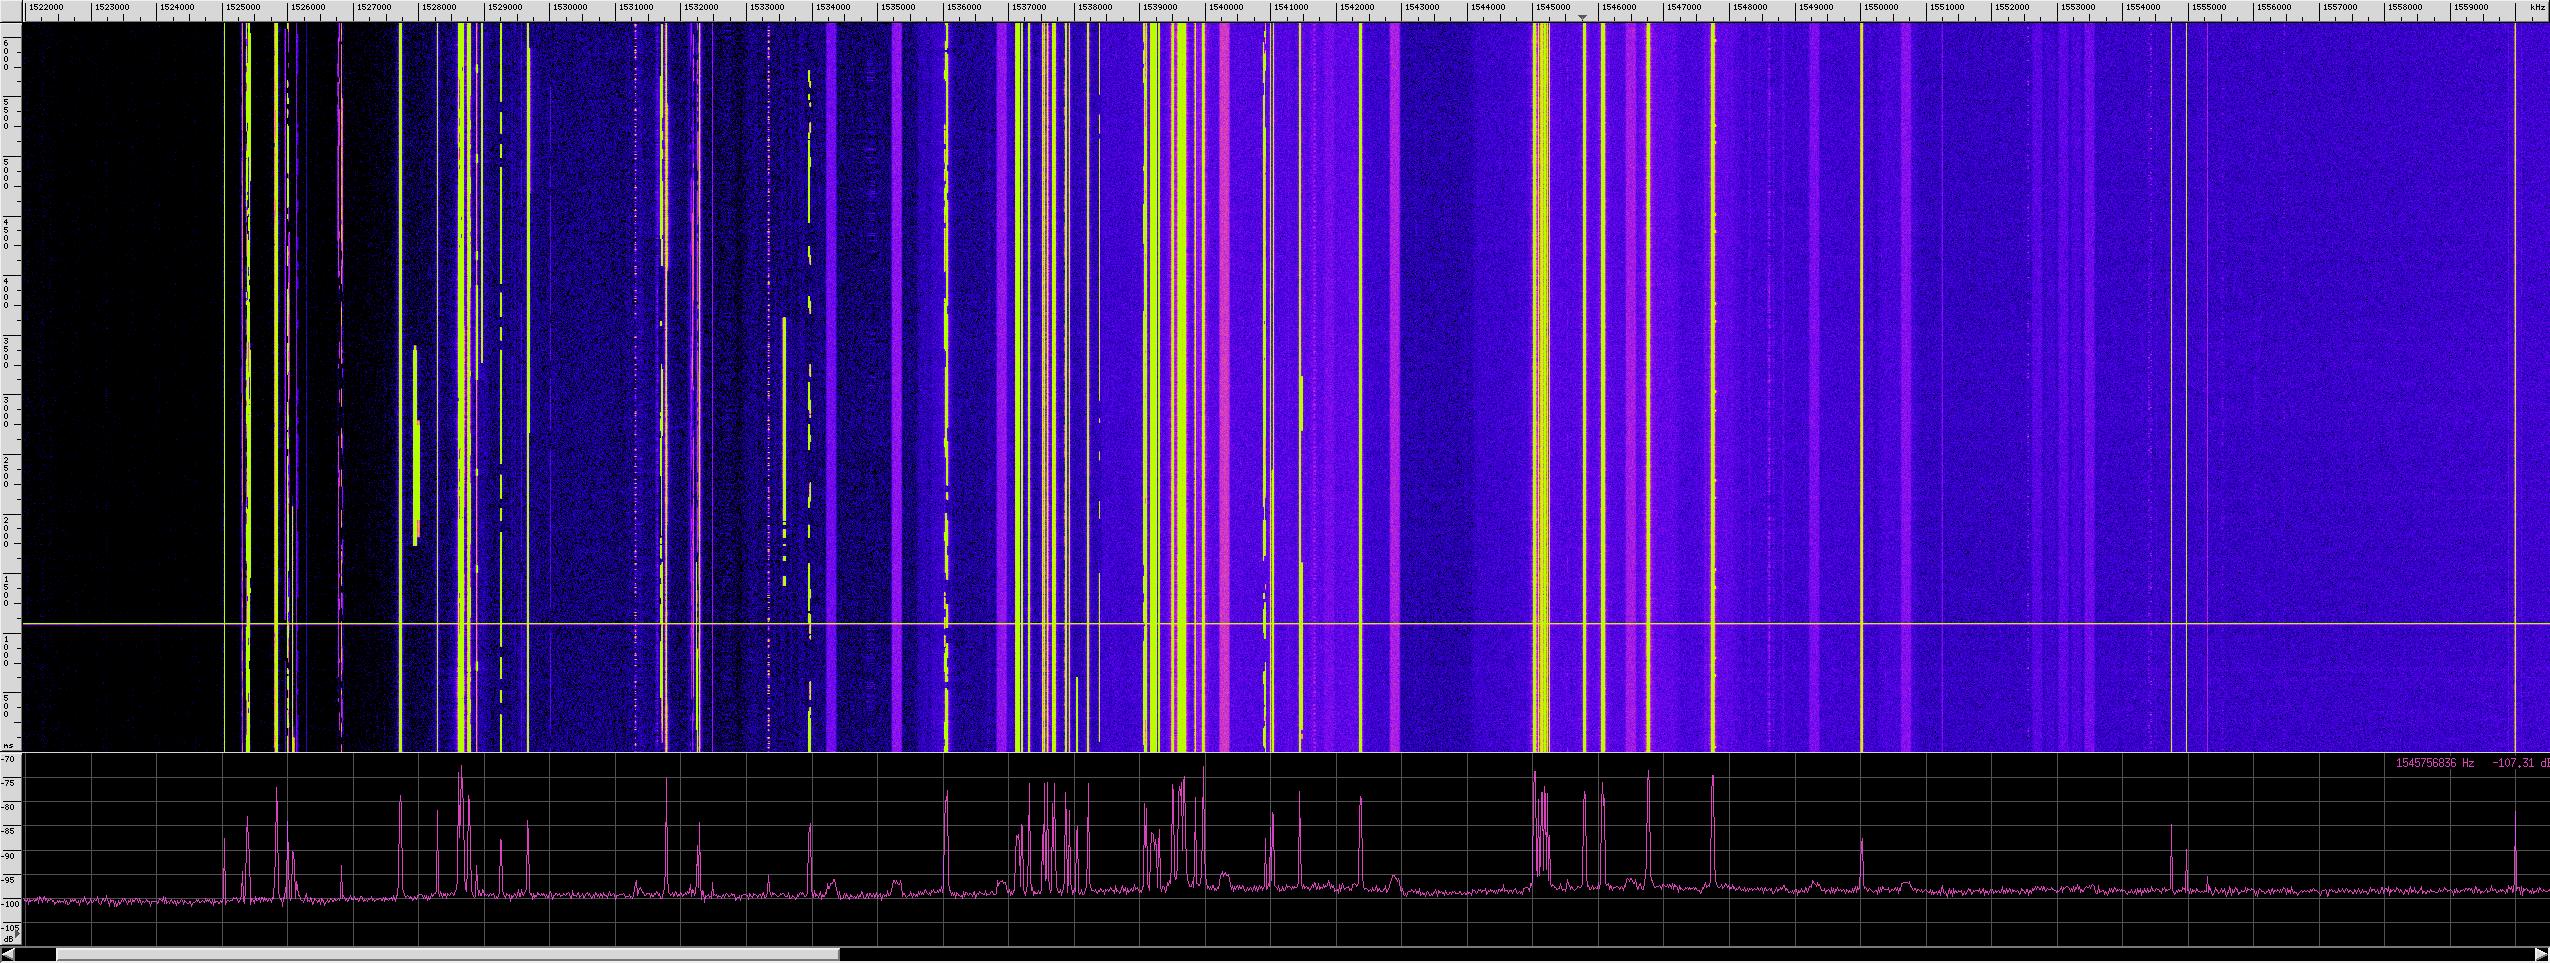 L-band Inmarsat transponders